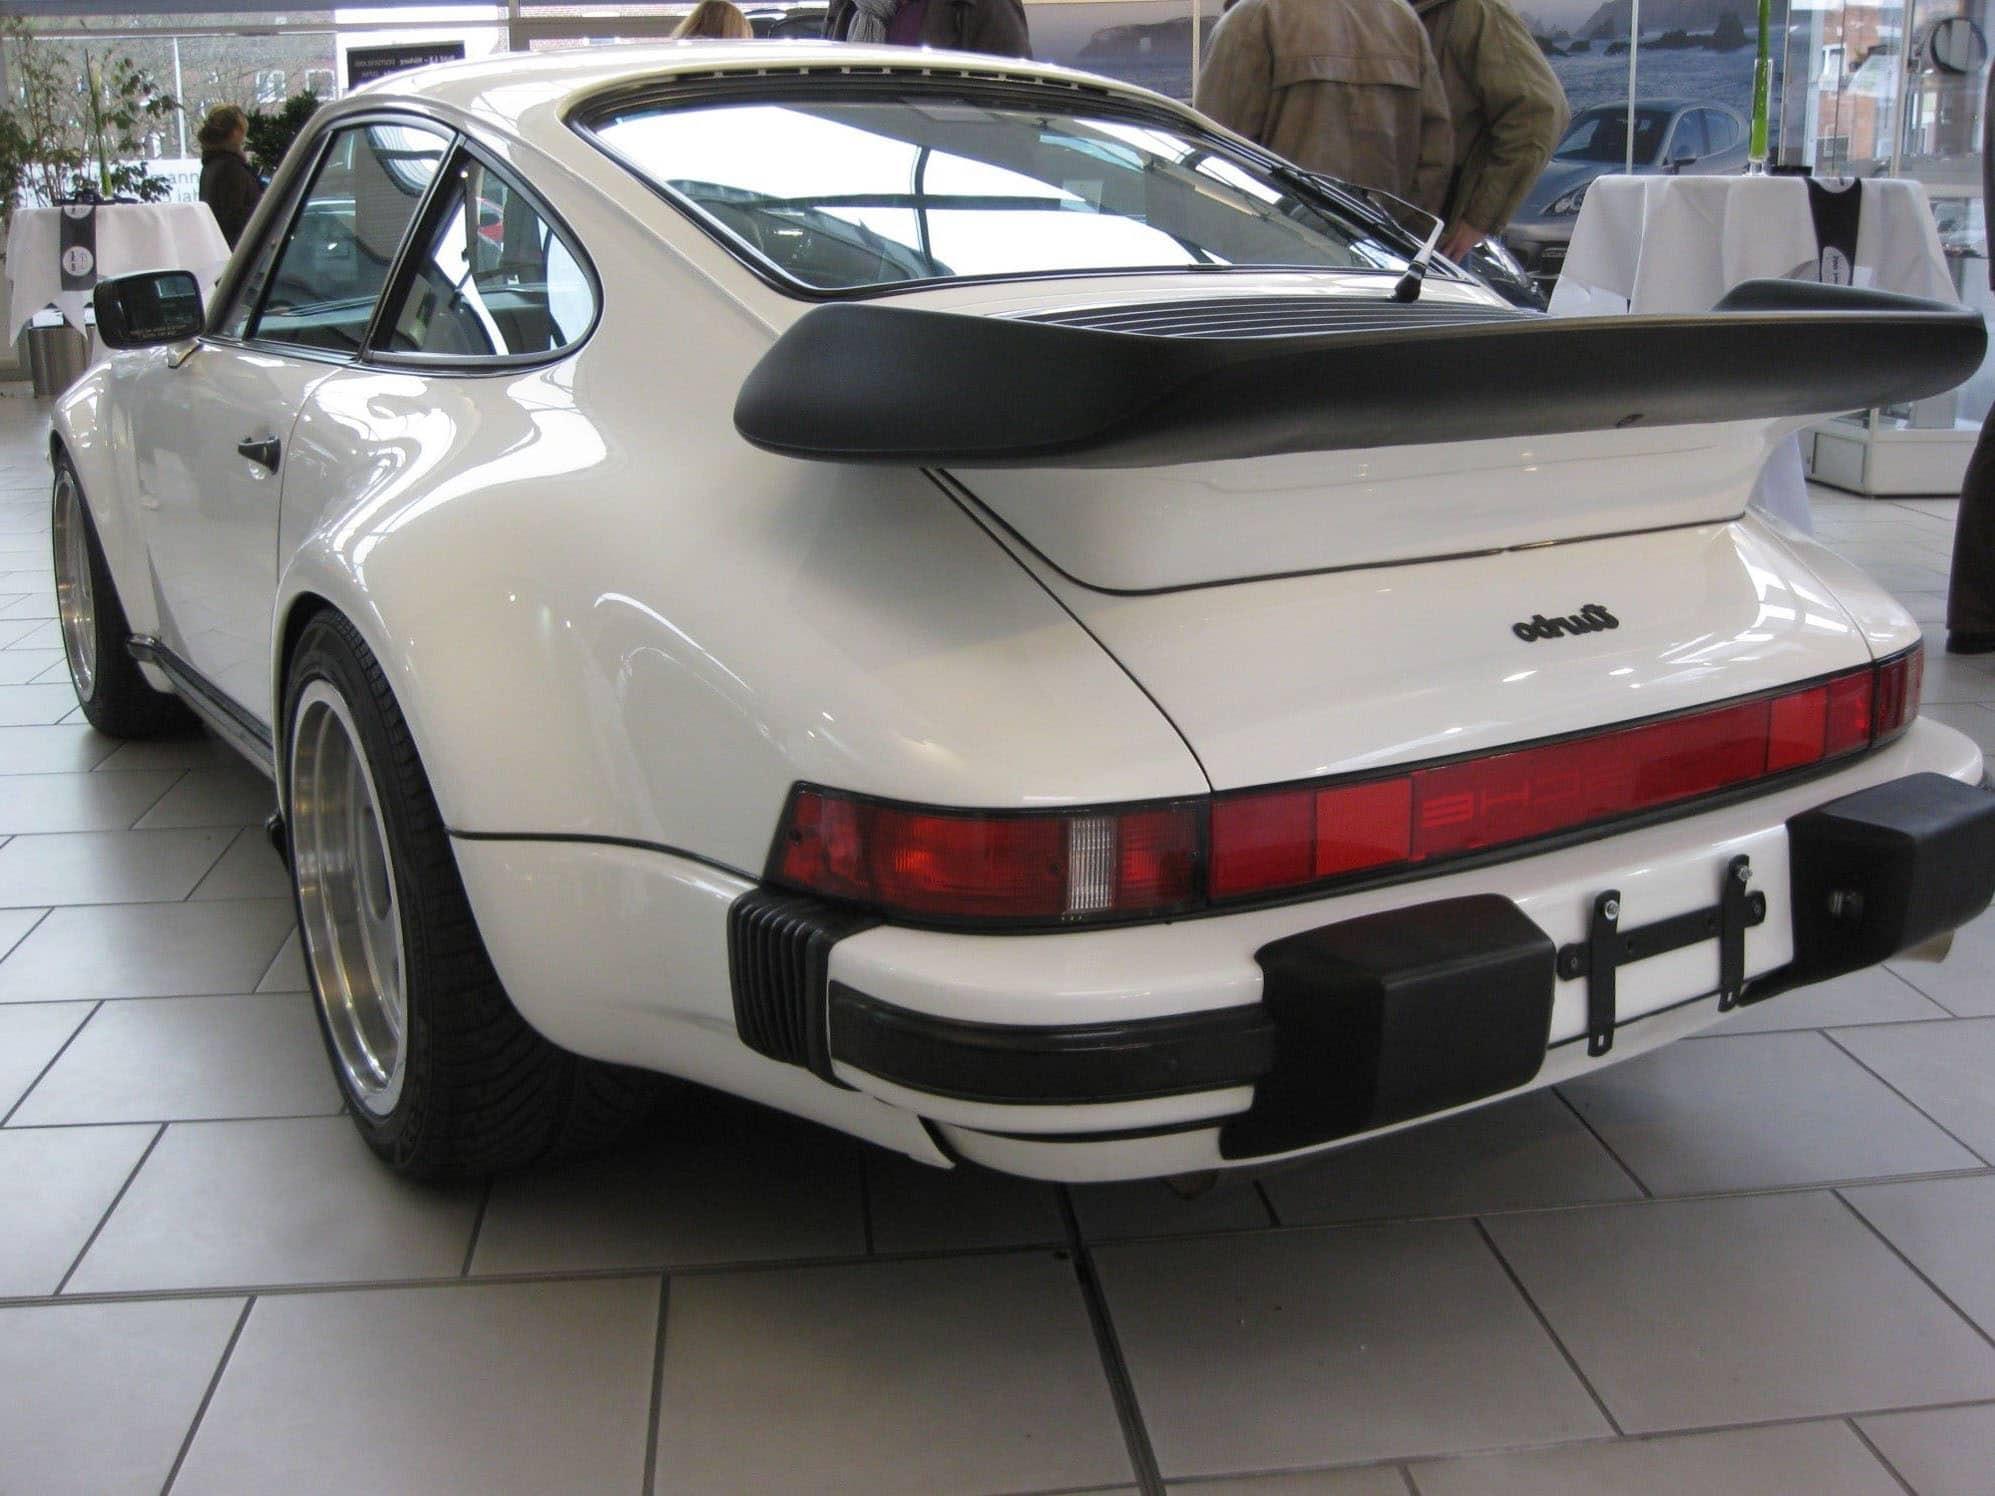 LEGO 10295 Porsche 911 Vergleichsbild Wiki